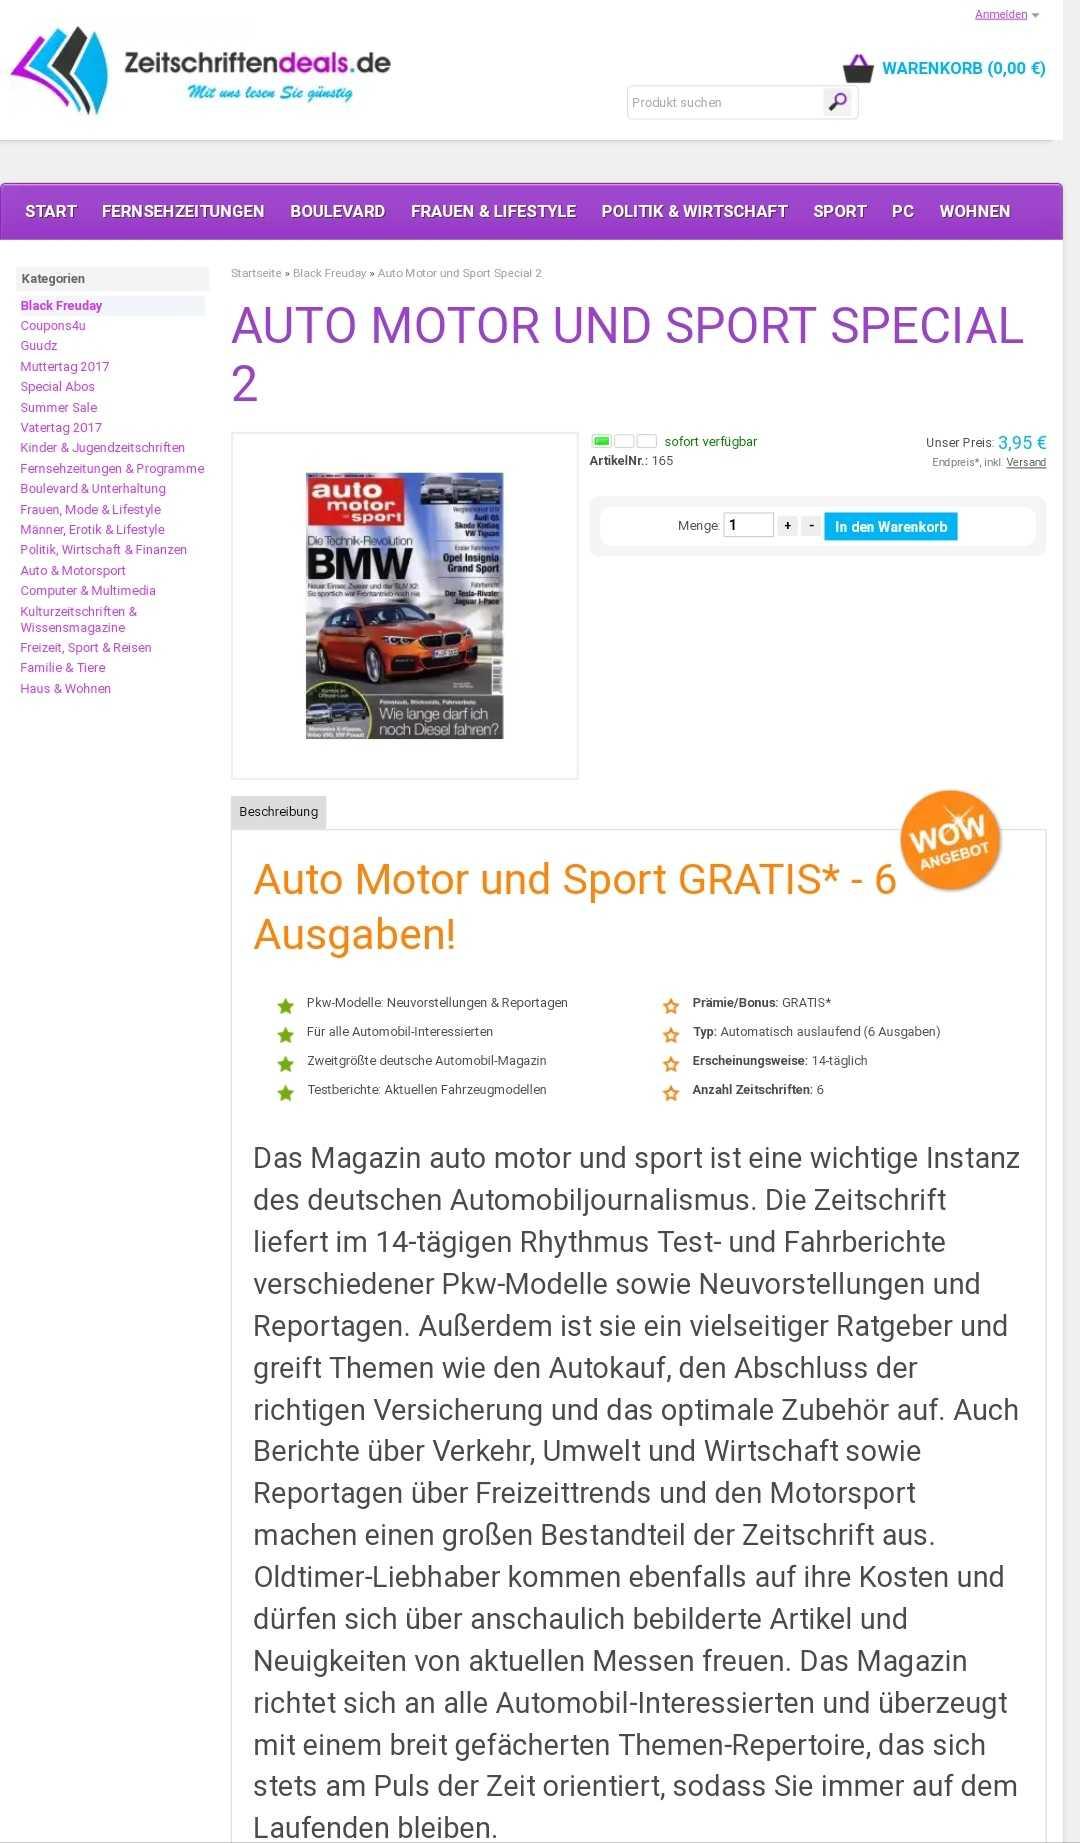 6 ausgaben auto motor und sport fuer nur 395 euro kuendigung nicht notwendig